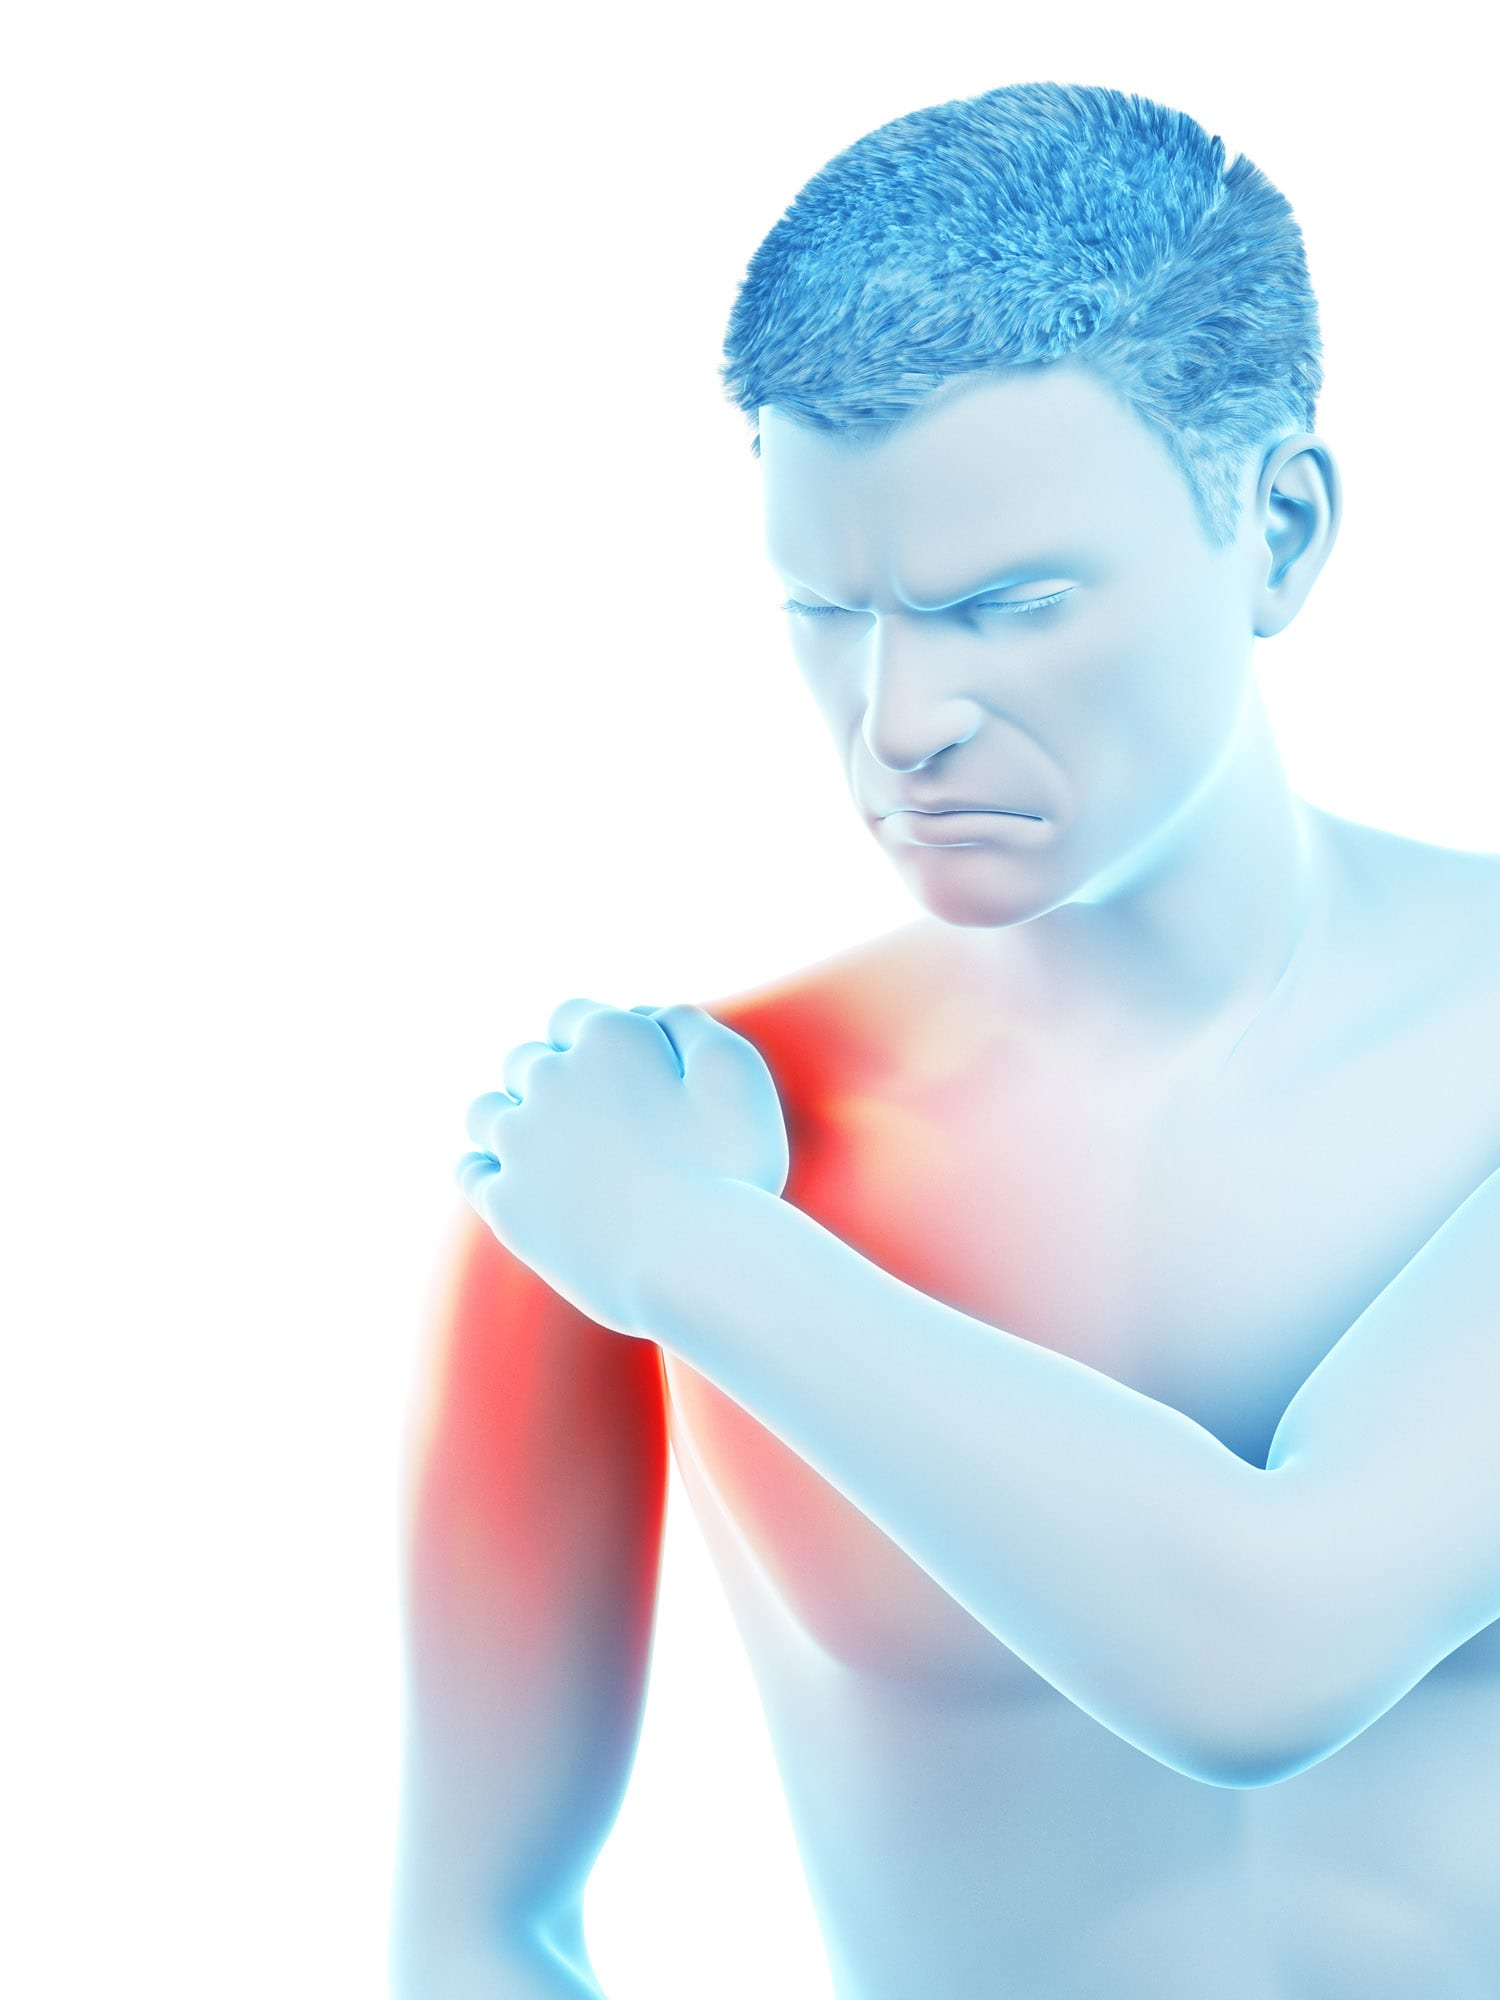 פציעות כתף, הסתיידות בכתף , דלקת בכתף, ניתוח קרע בגיד הכתף